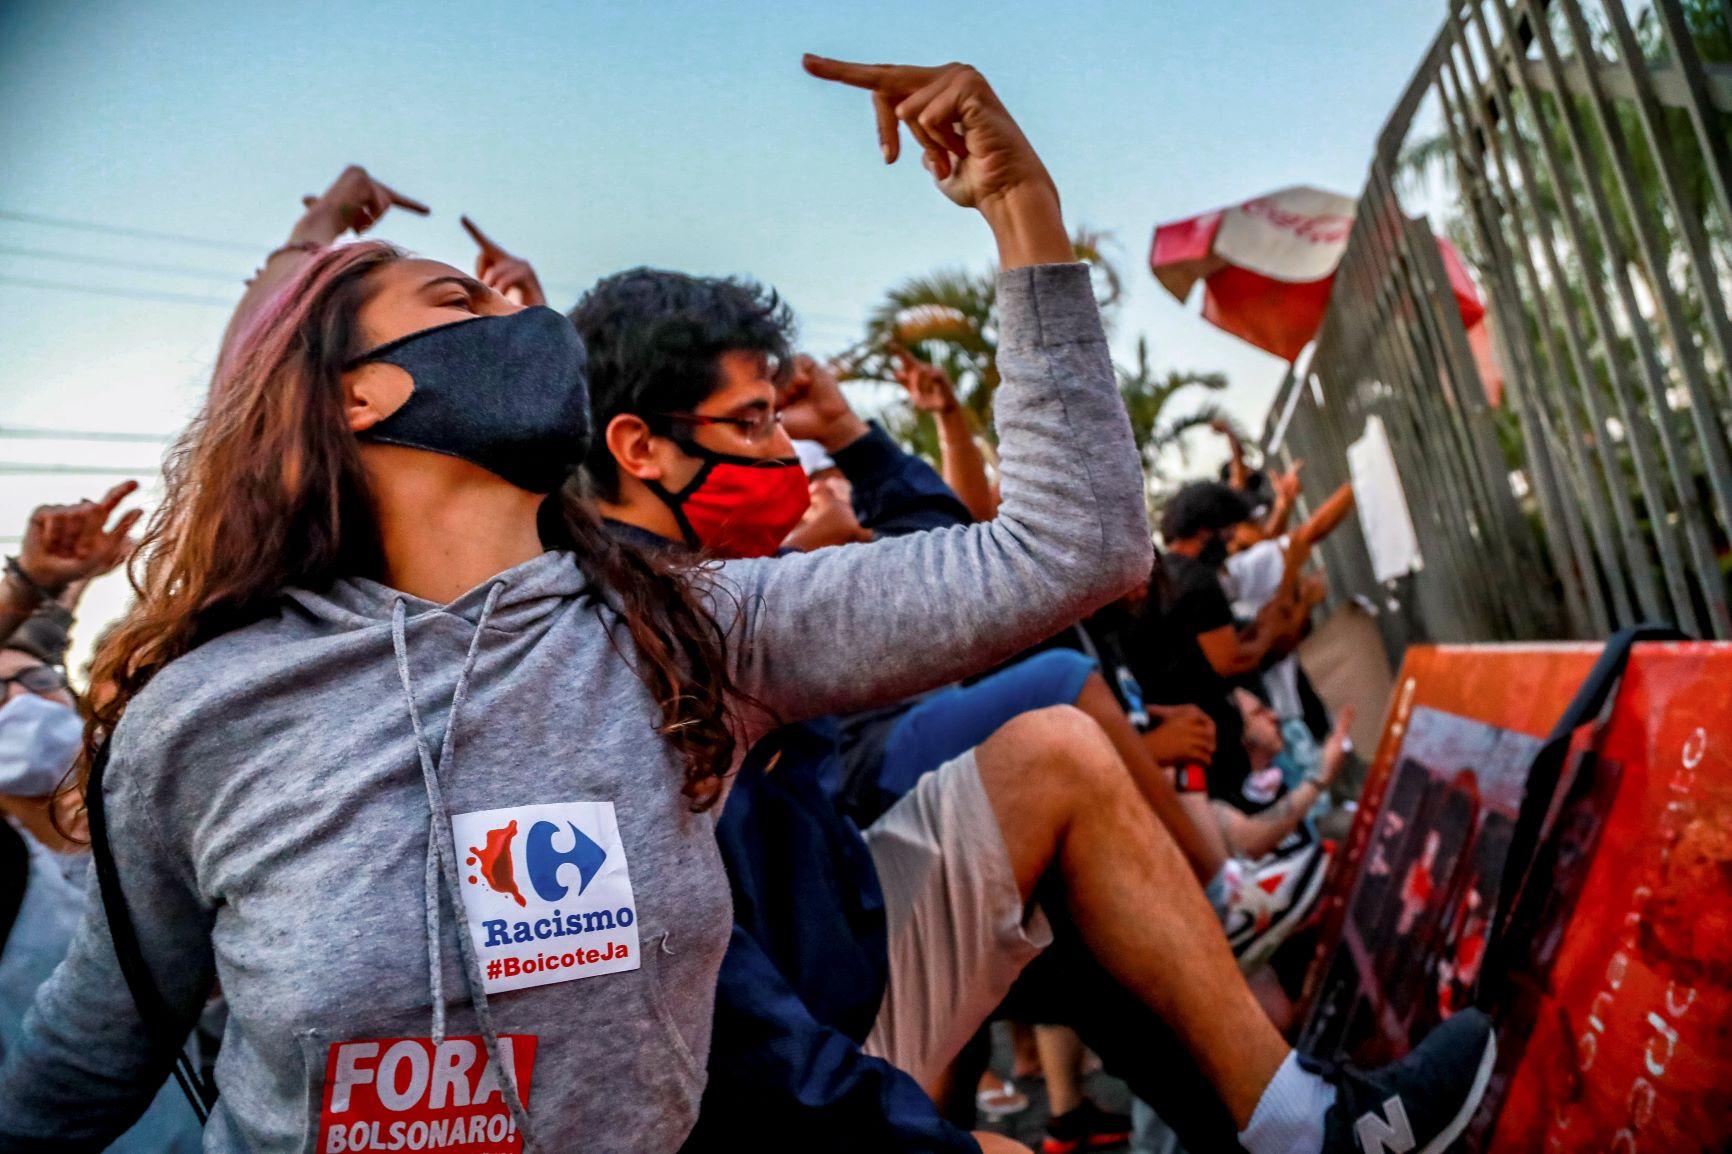 Manifestação na porta do Carrefour em Porto Alegre: protesto contra racismo e palavras de ordem por boicote ao supermercado (Foto: Silvio Ávila/AFP)